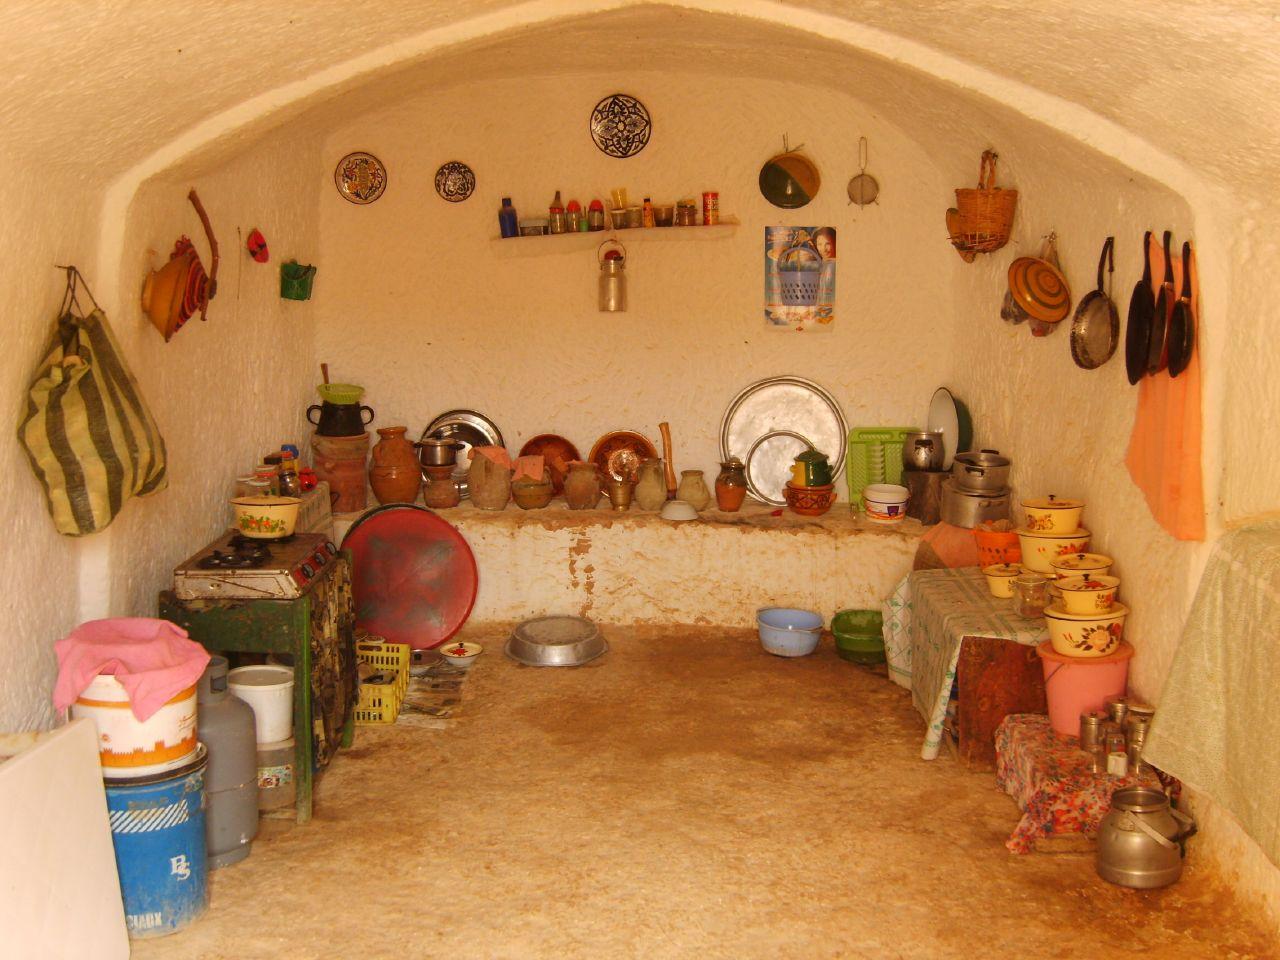 روعة وجمال المطبخ المغربي